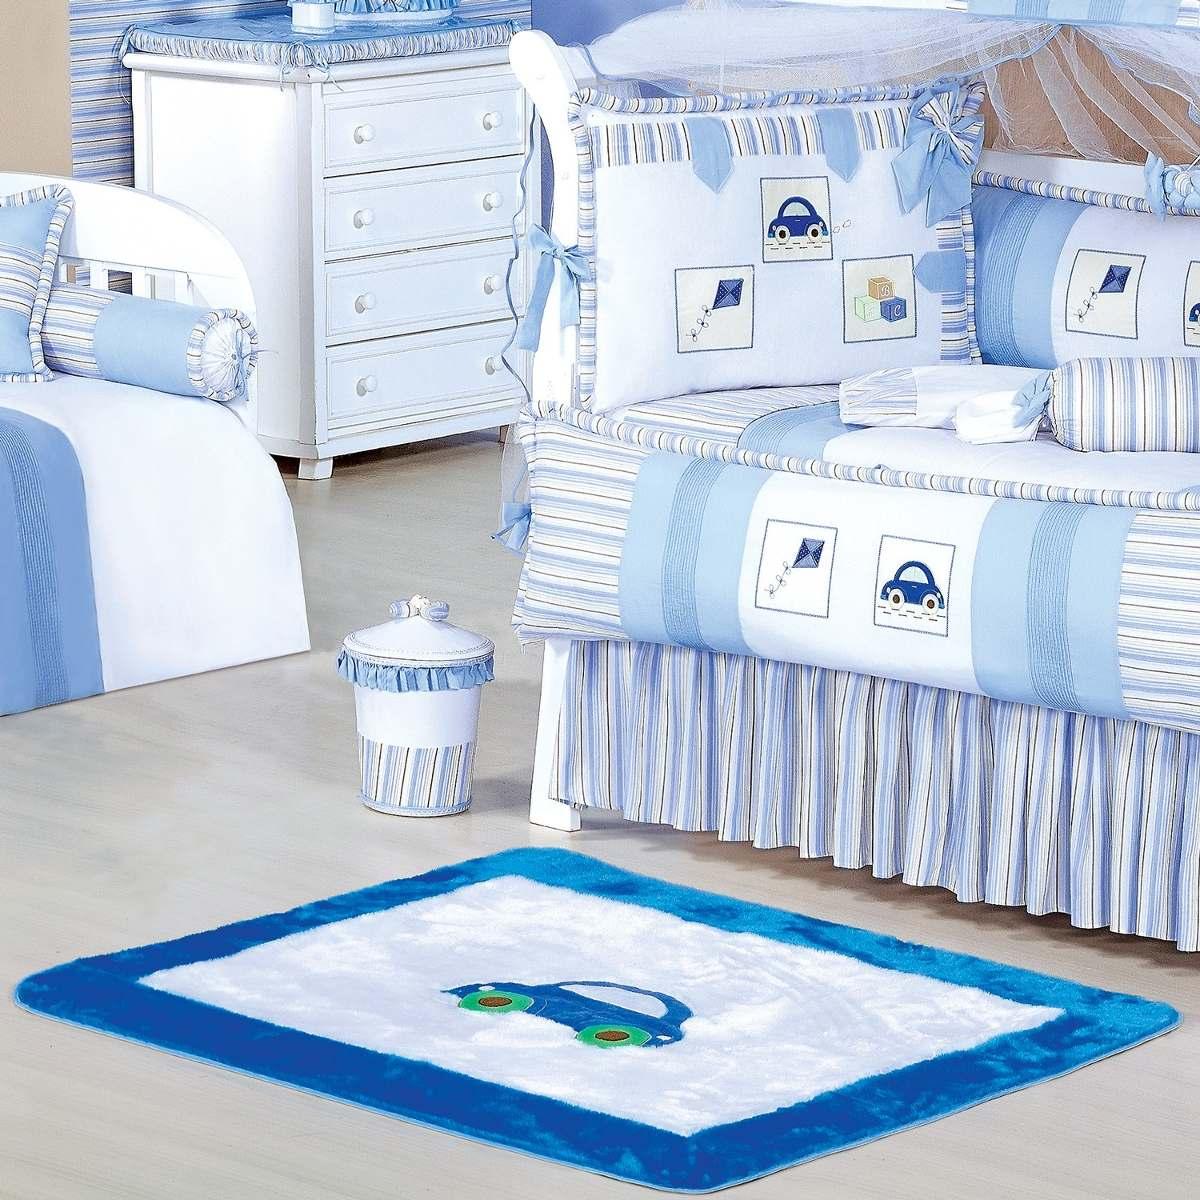 Tapete Para Quarto De Bebê Azul Menino Conforto Diversão  ~ Ver Tapetes Para Quarto Infantil